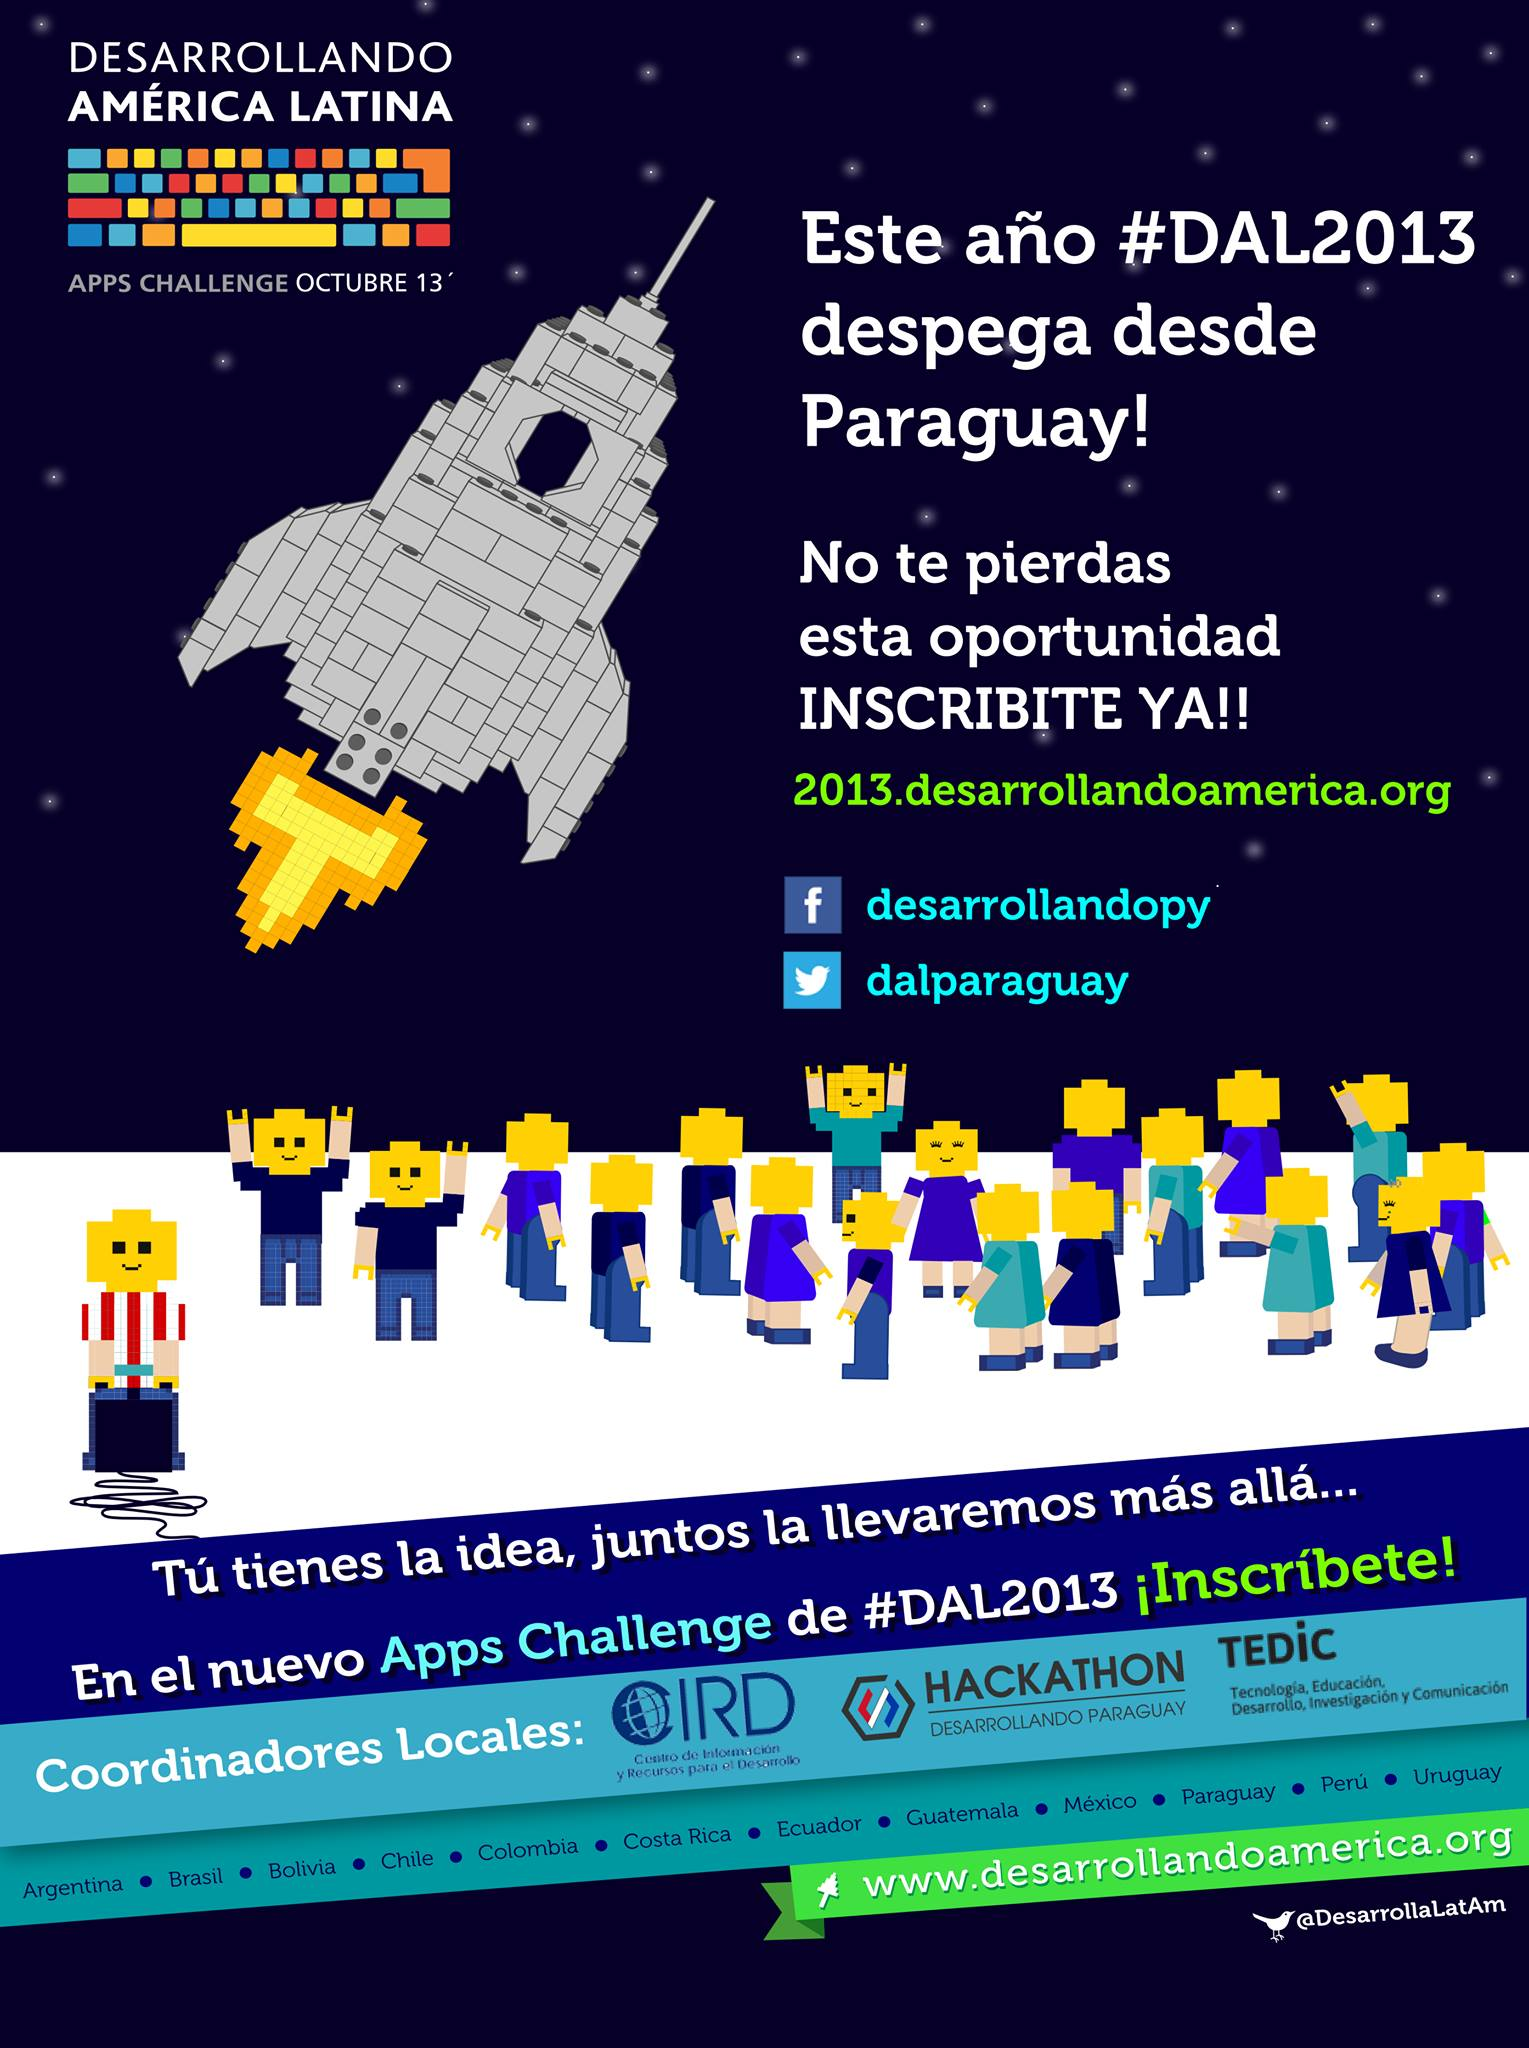 Foto compartida por DAL Paraguay en Facebook